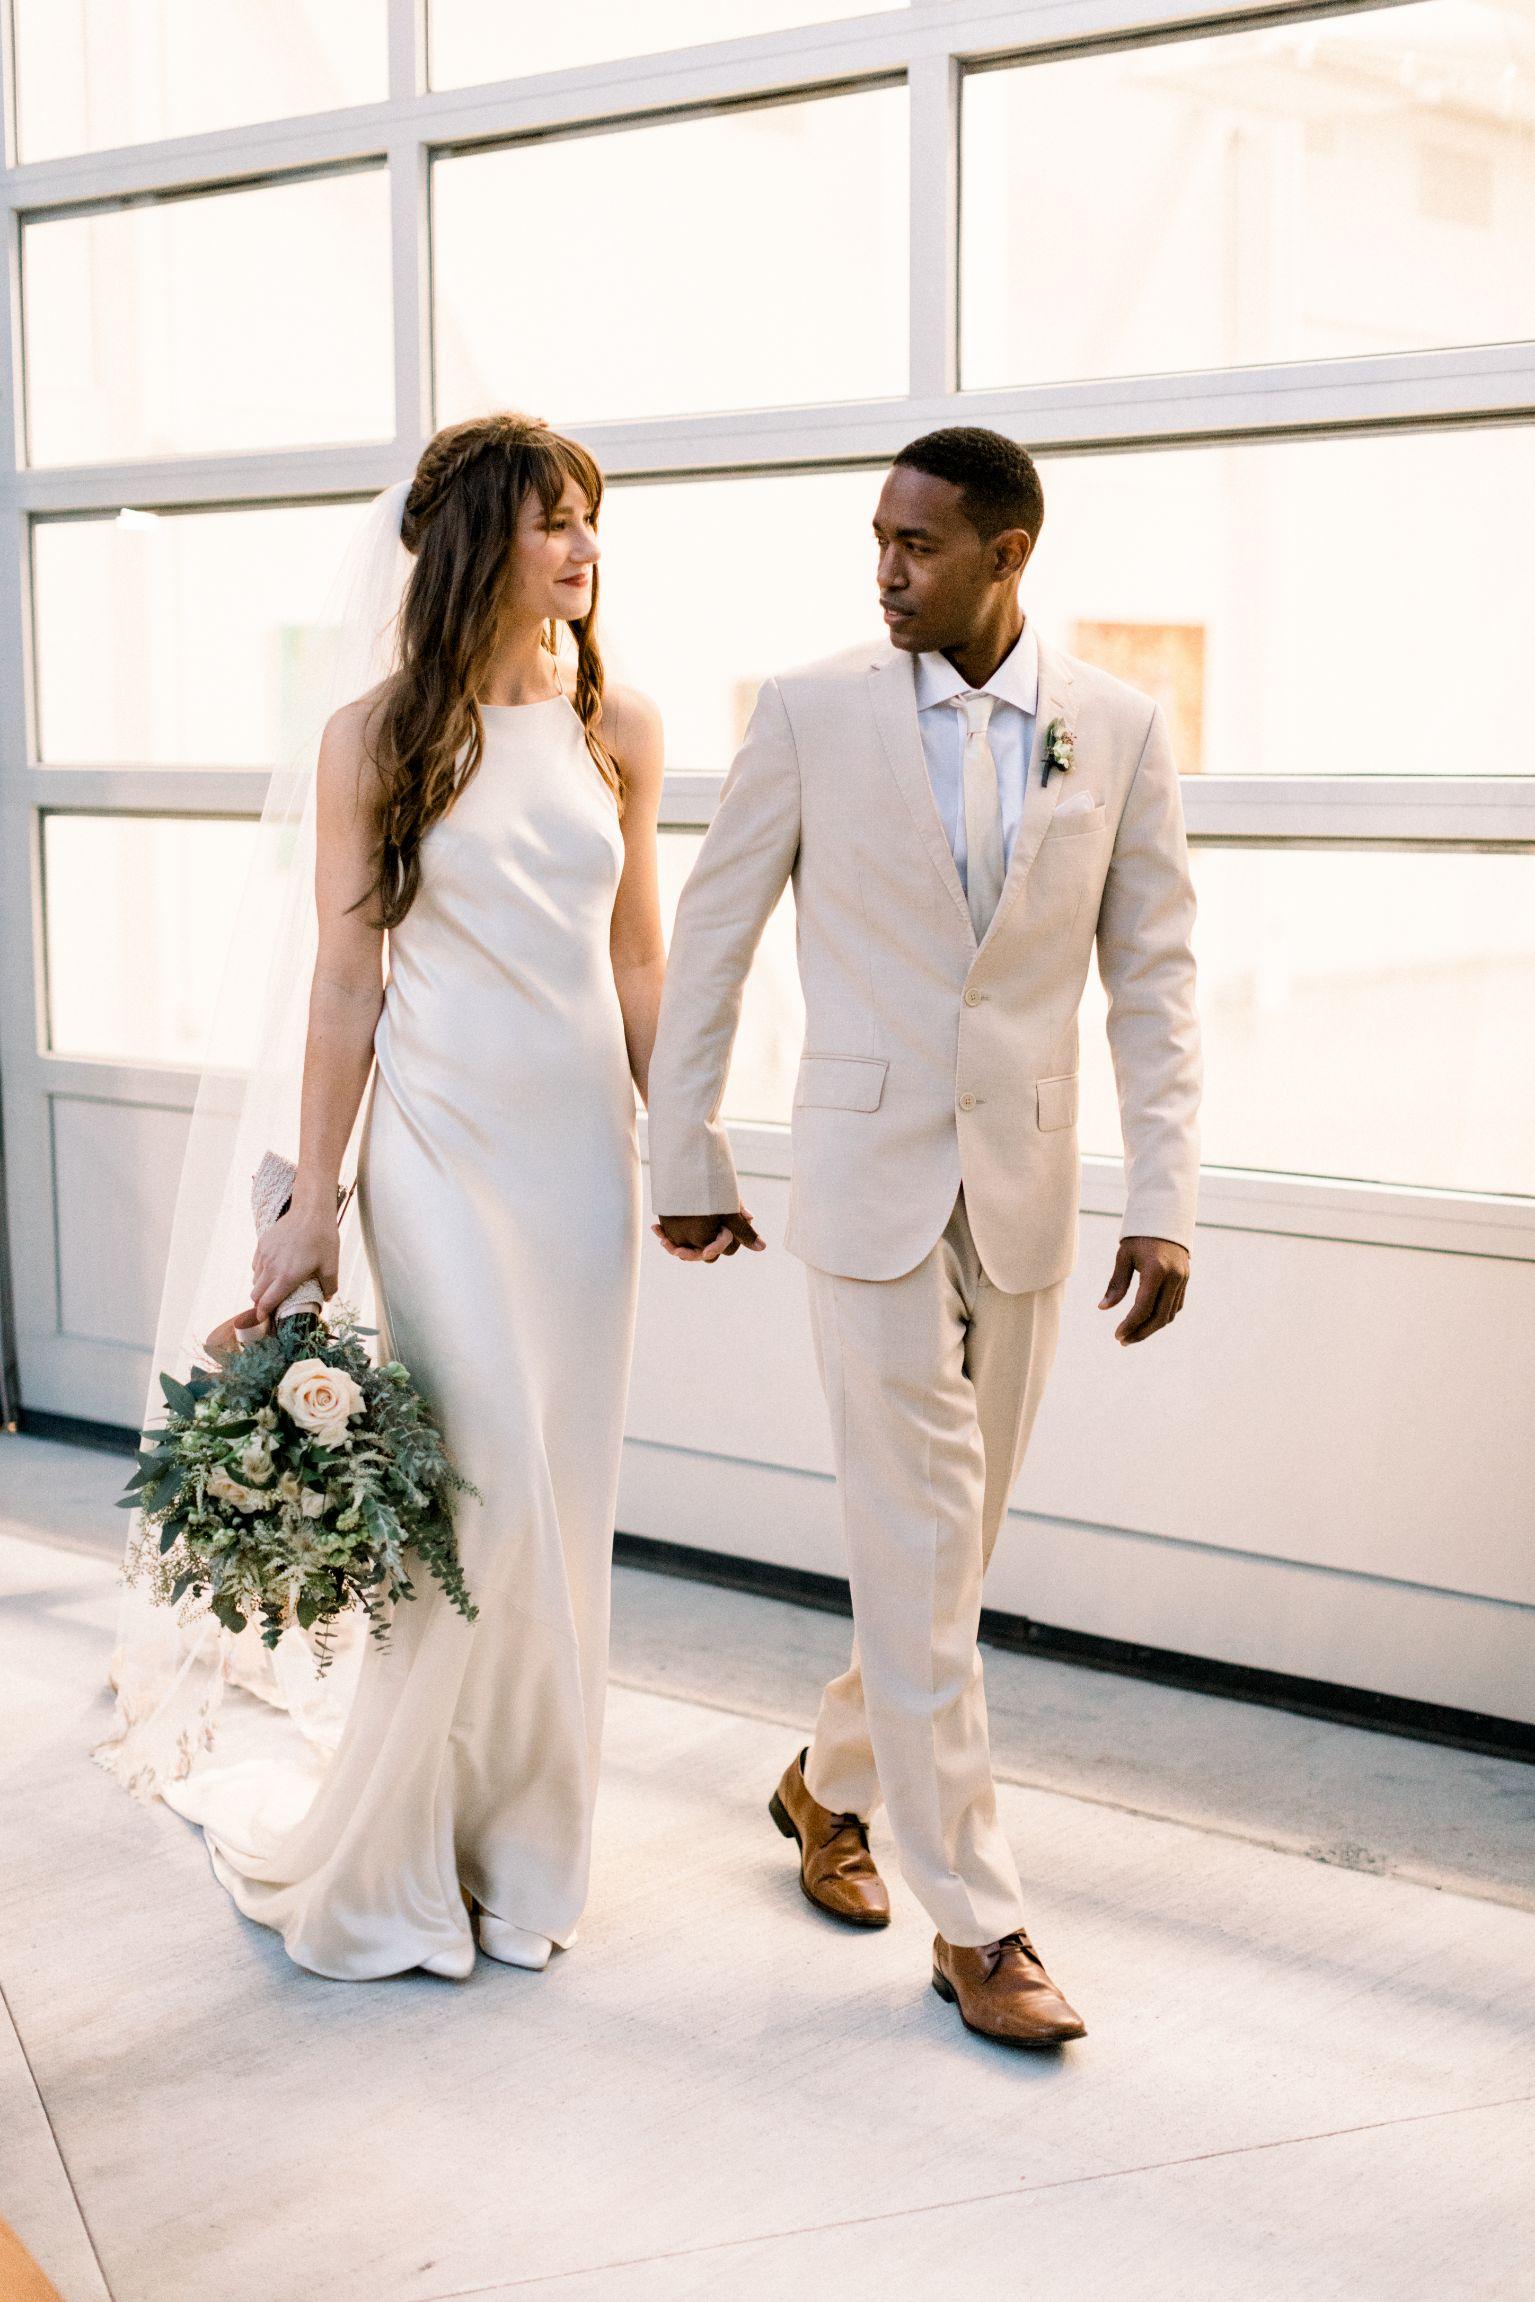 artists-for-humanity-industrial-bohemian-wedding-daylynn-designs236.jpg